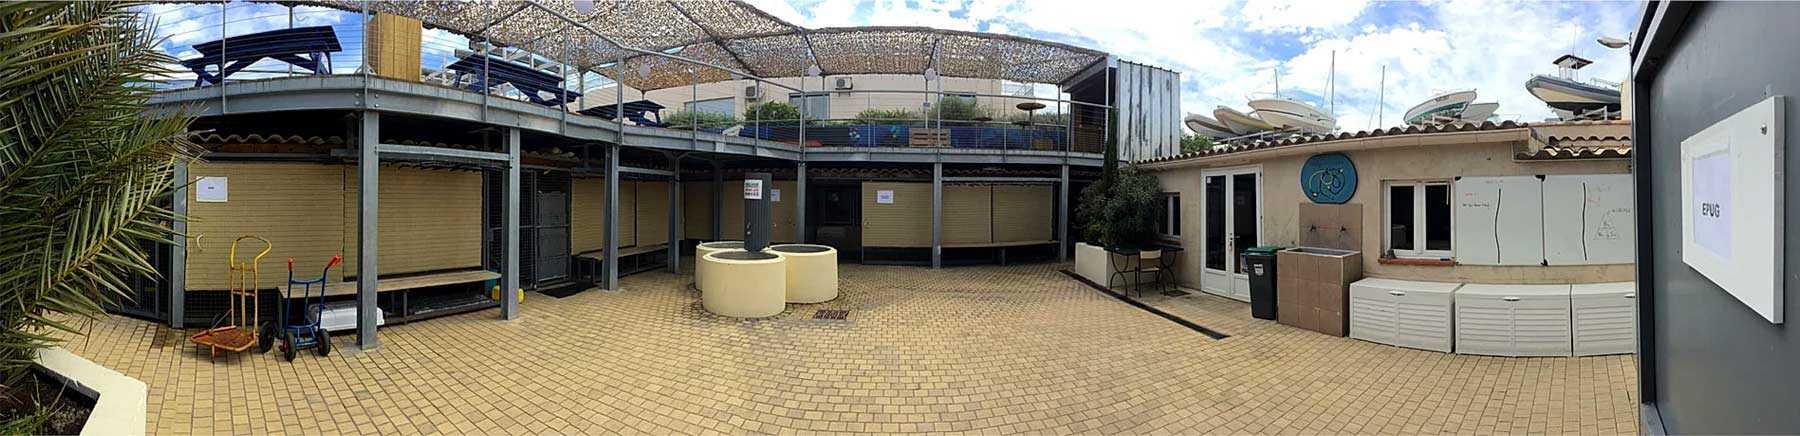 Centre de plongée à Marseille, école de plongée SSI, PADI, FFESSM. Location de matériel de plongée. Hébergement et restauration